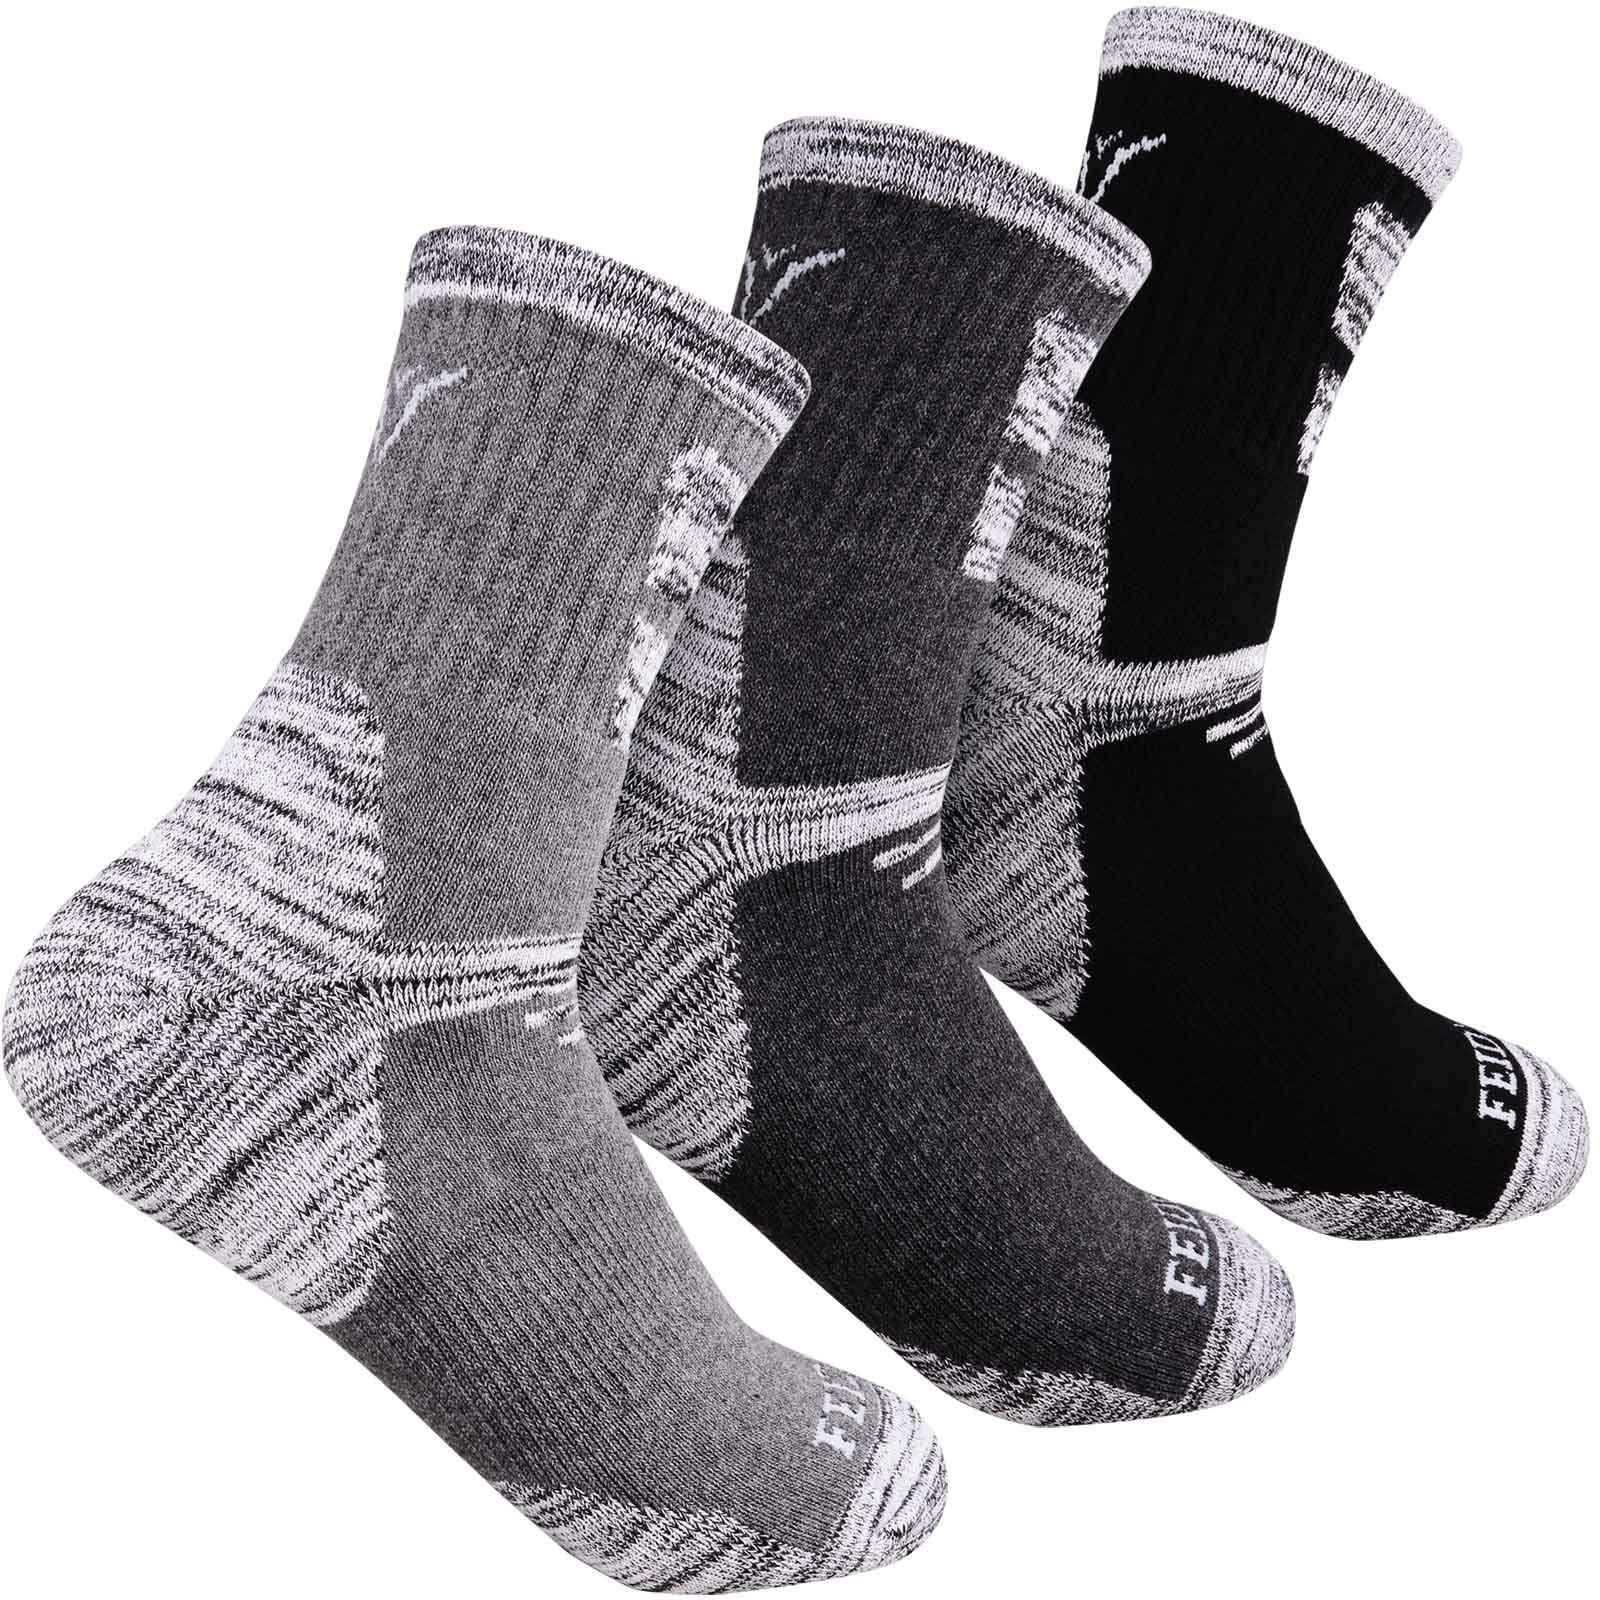 Hiking Socks Walking Socks For Men, FEIDEER 3-pack Outdoor Recreation Socks Moisture Wicking Crew Socks(19103-XL) by FEIDEER